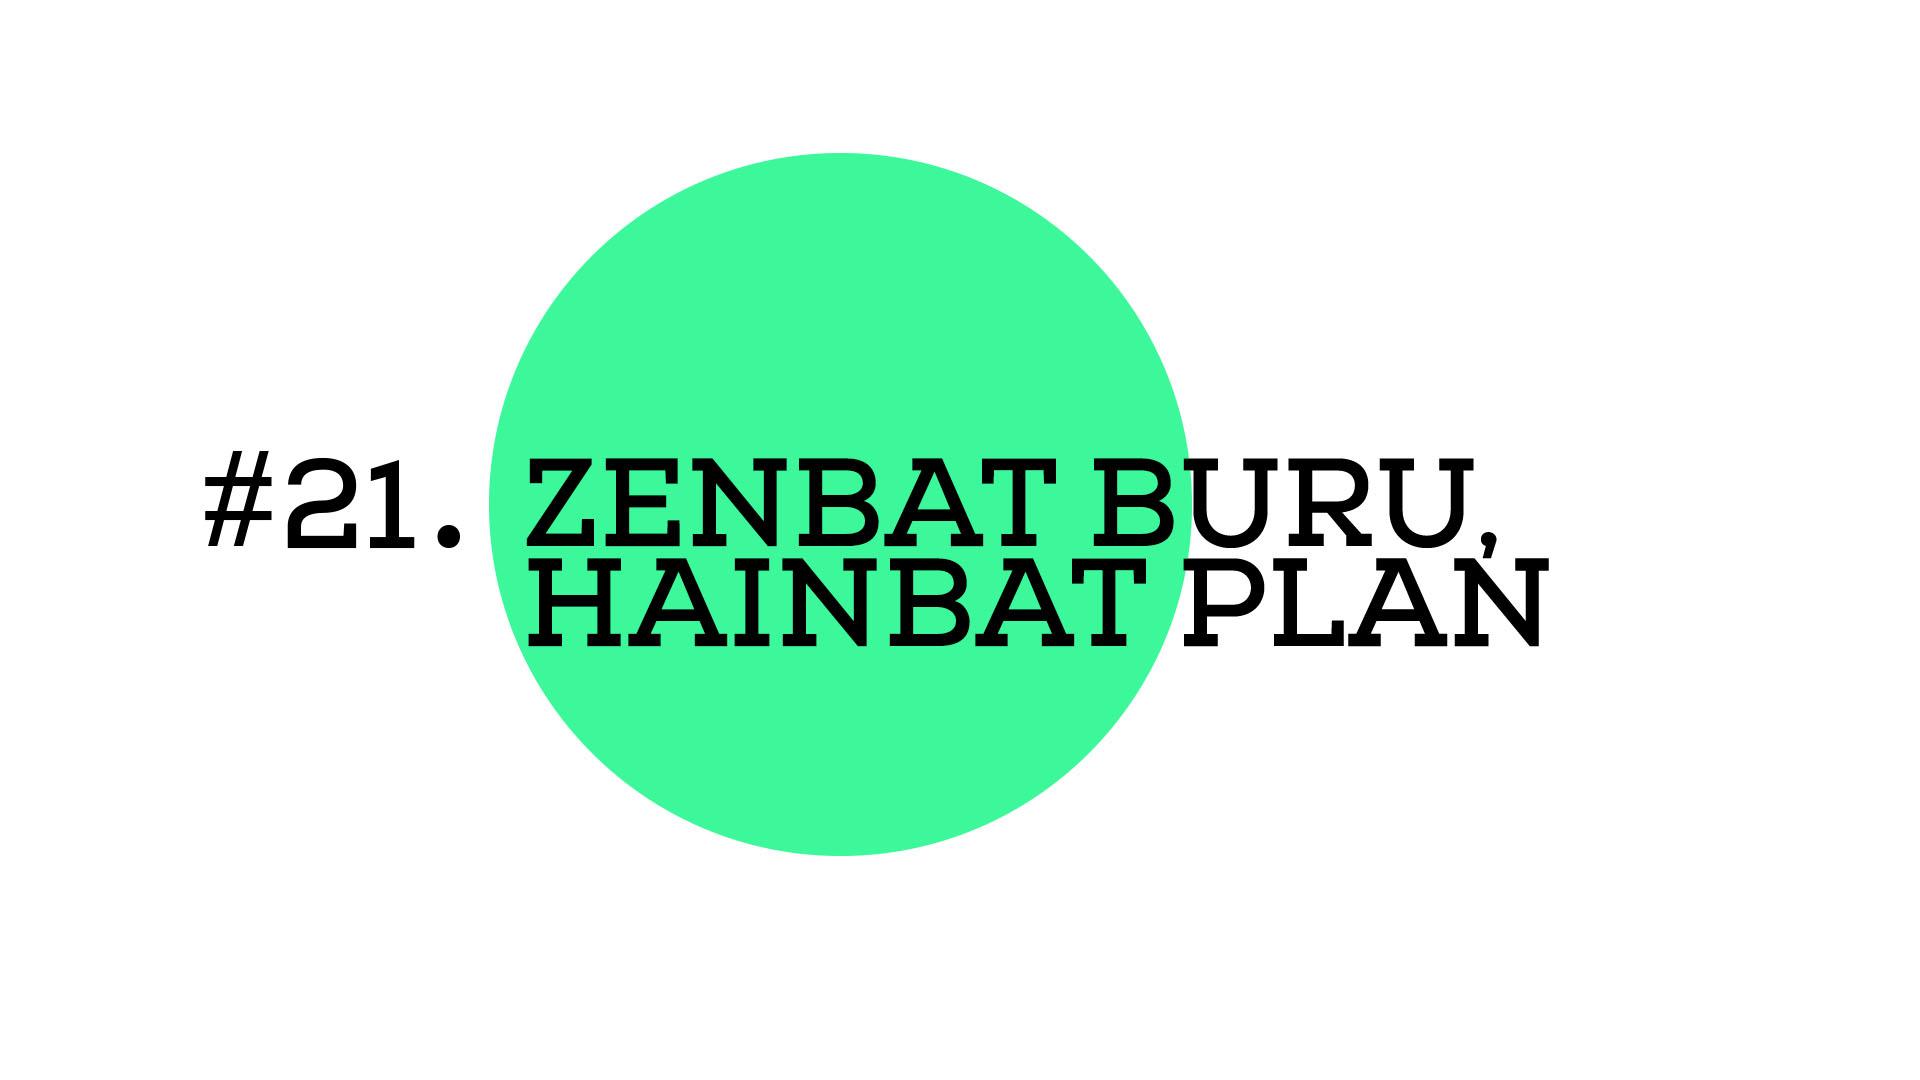 Zenbat buru, hainbat plan (A1E21)